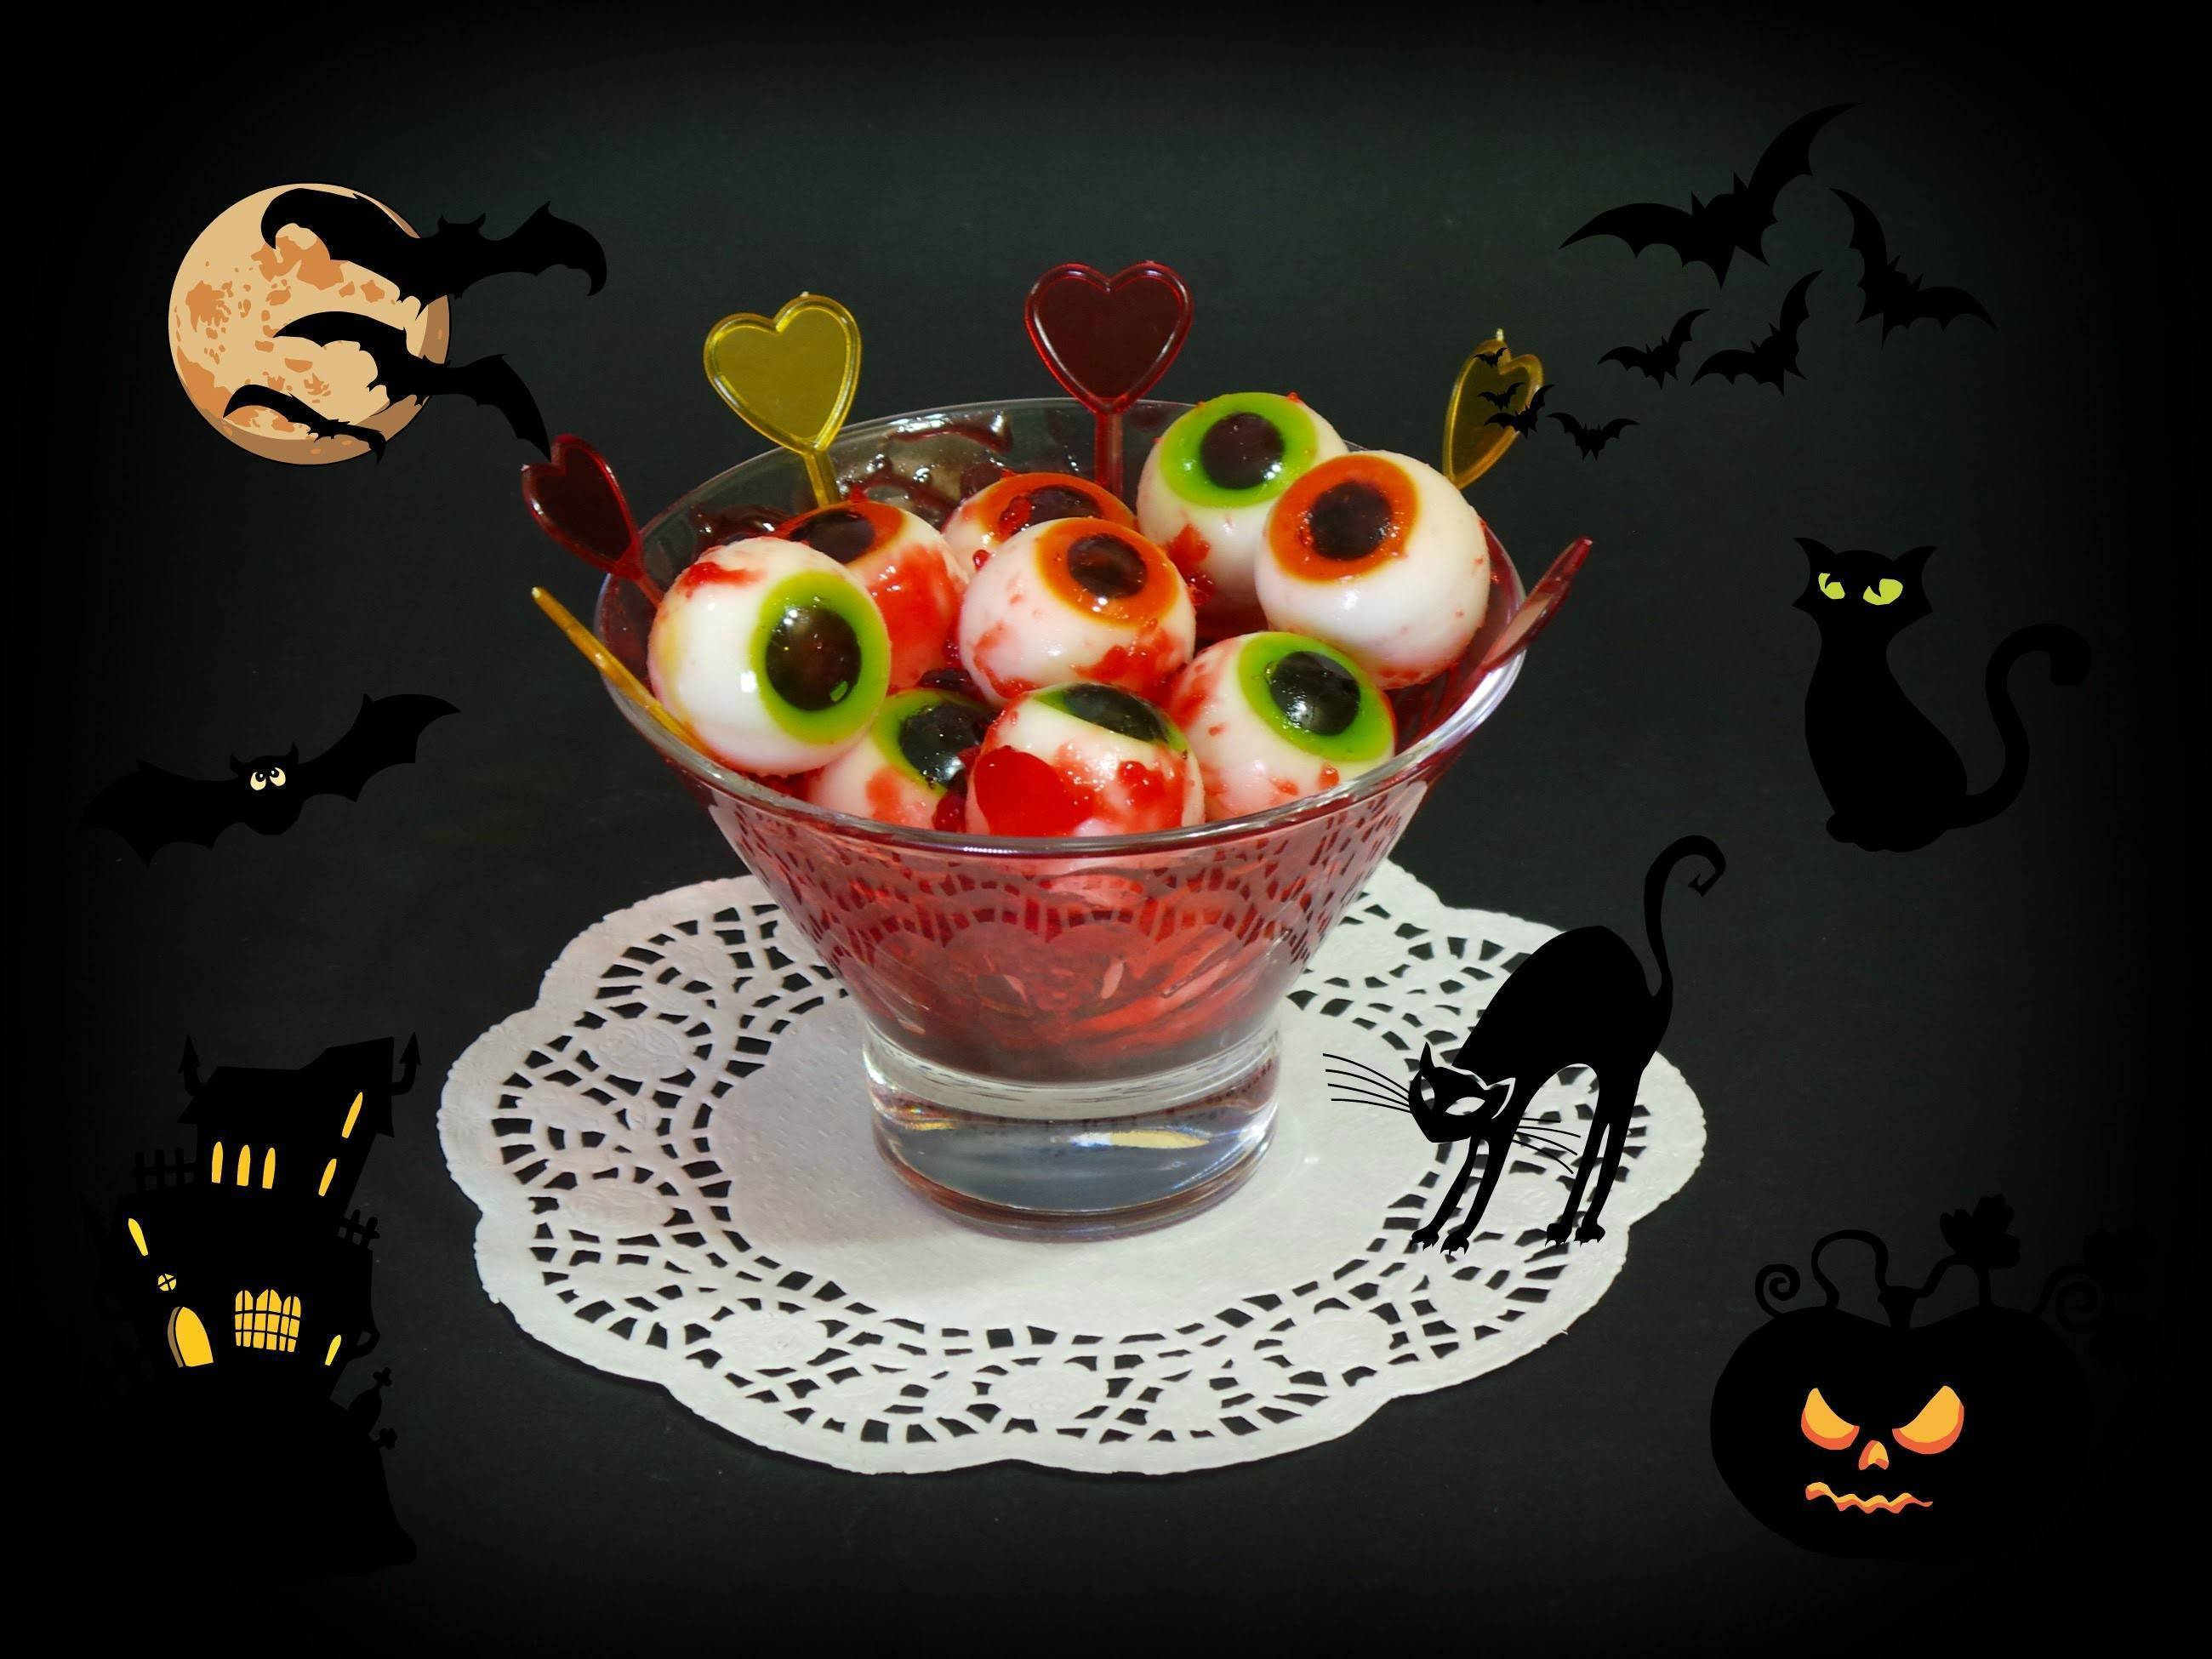 Коктейли на Хэллоуин: 10 оригинальных рецептов для приготовления дома